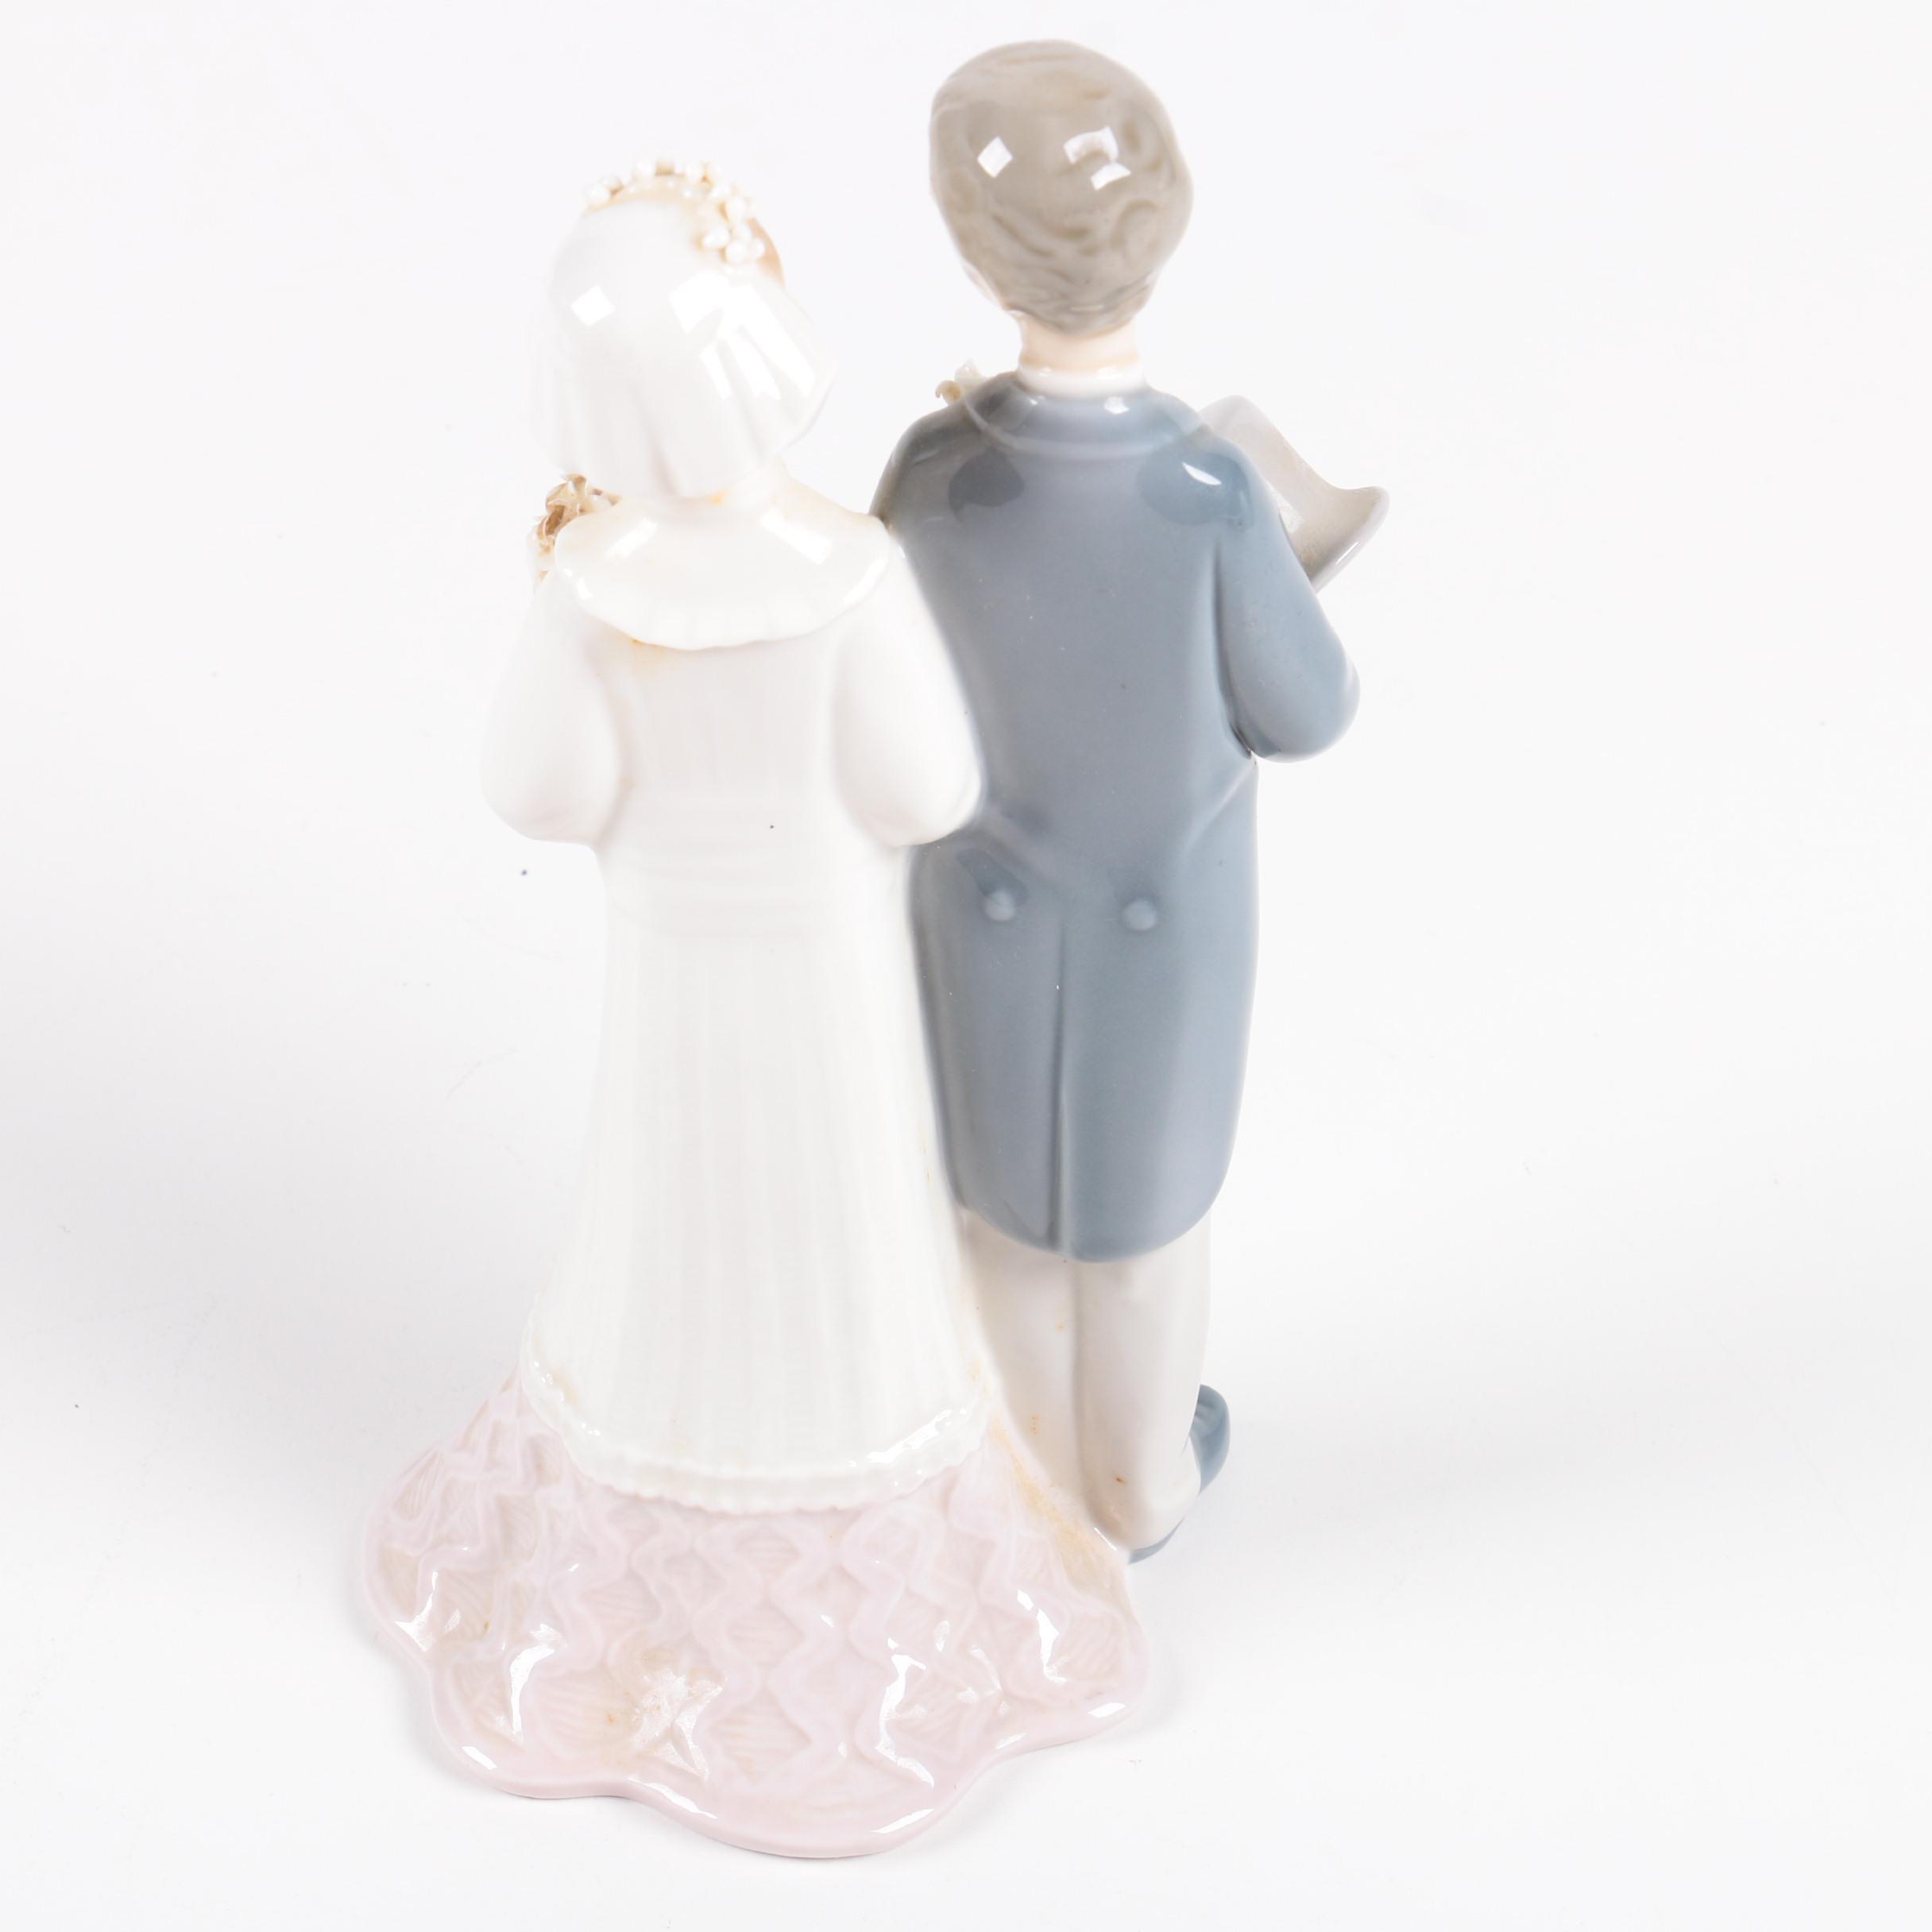 Vintage Lladr 243 Bride And Groom Porcelain Figurine Ebth